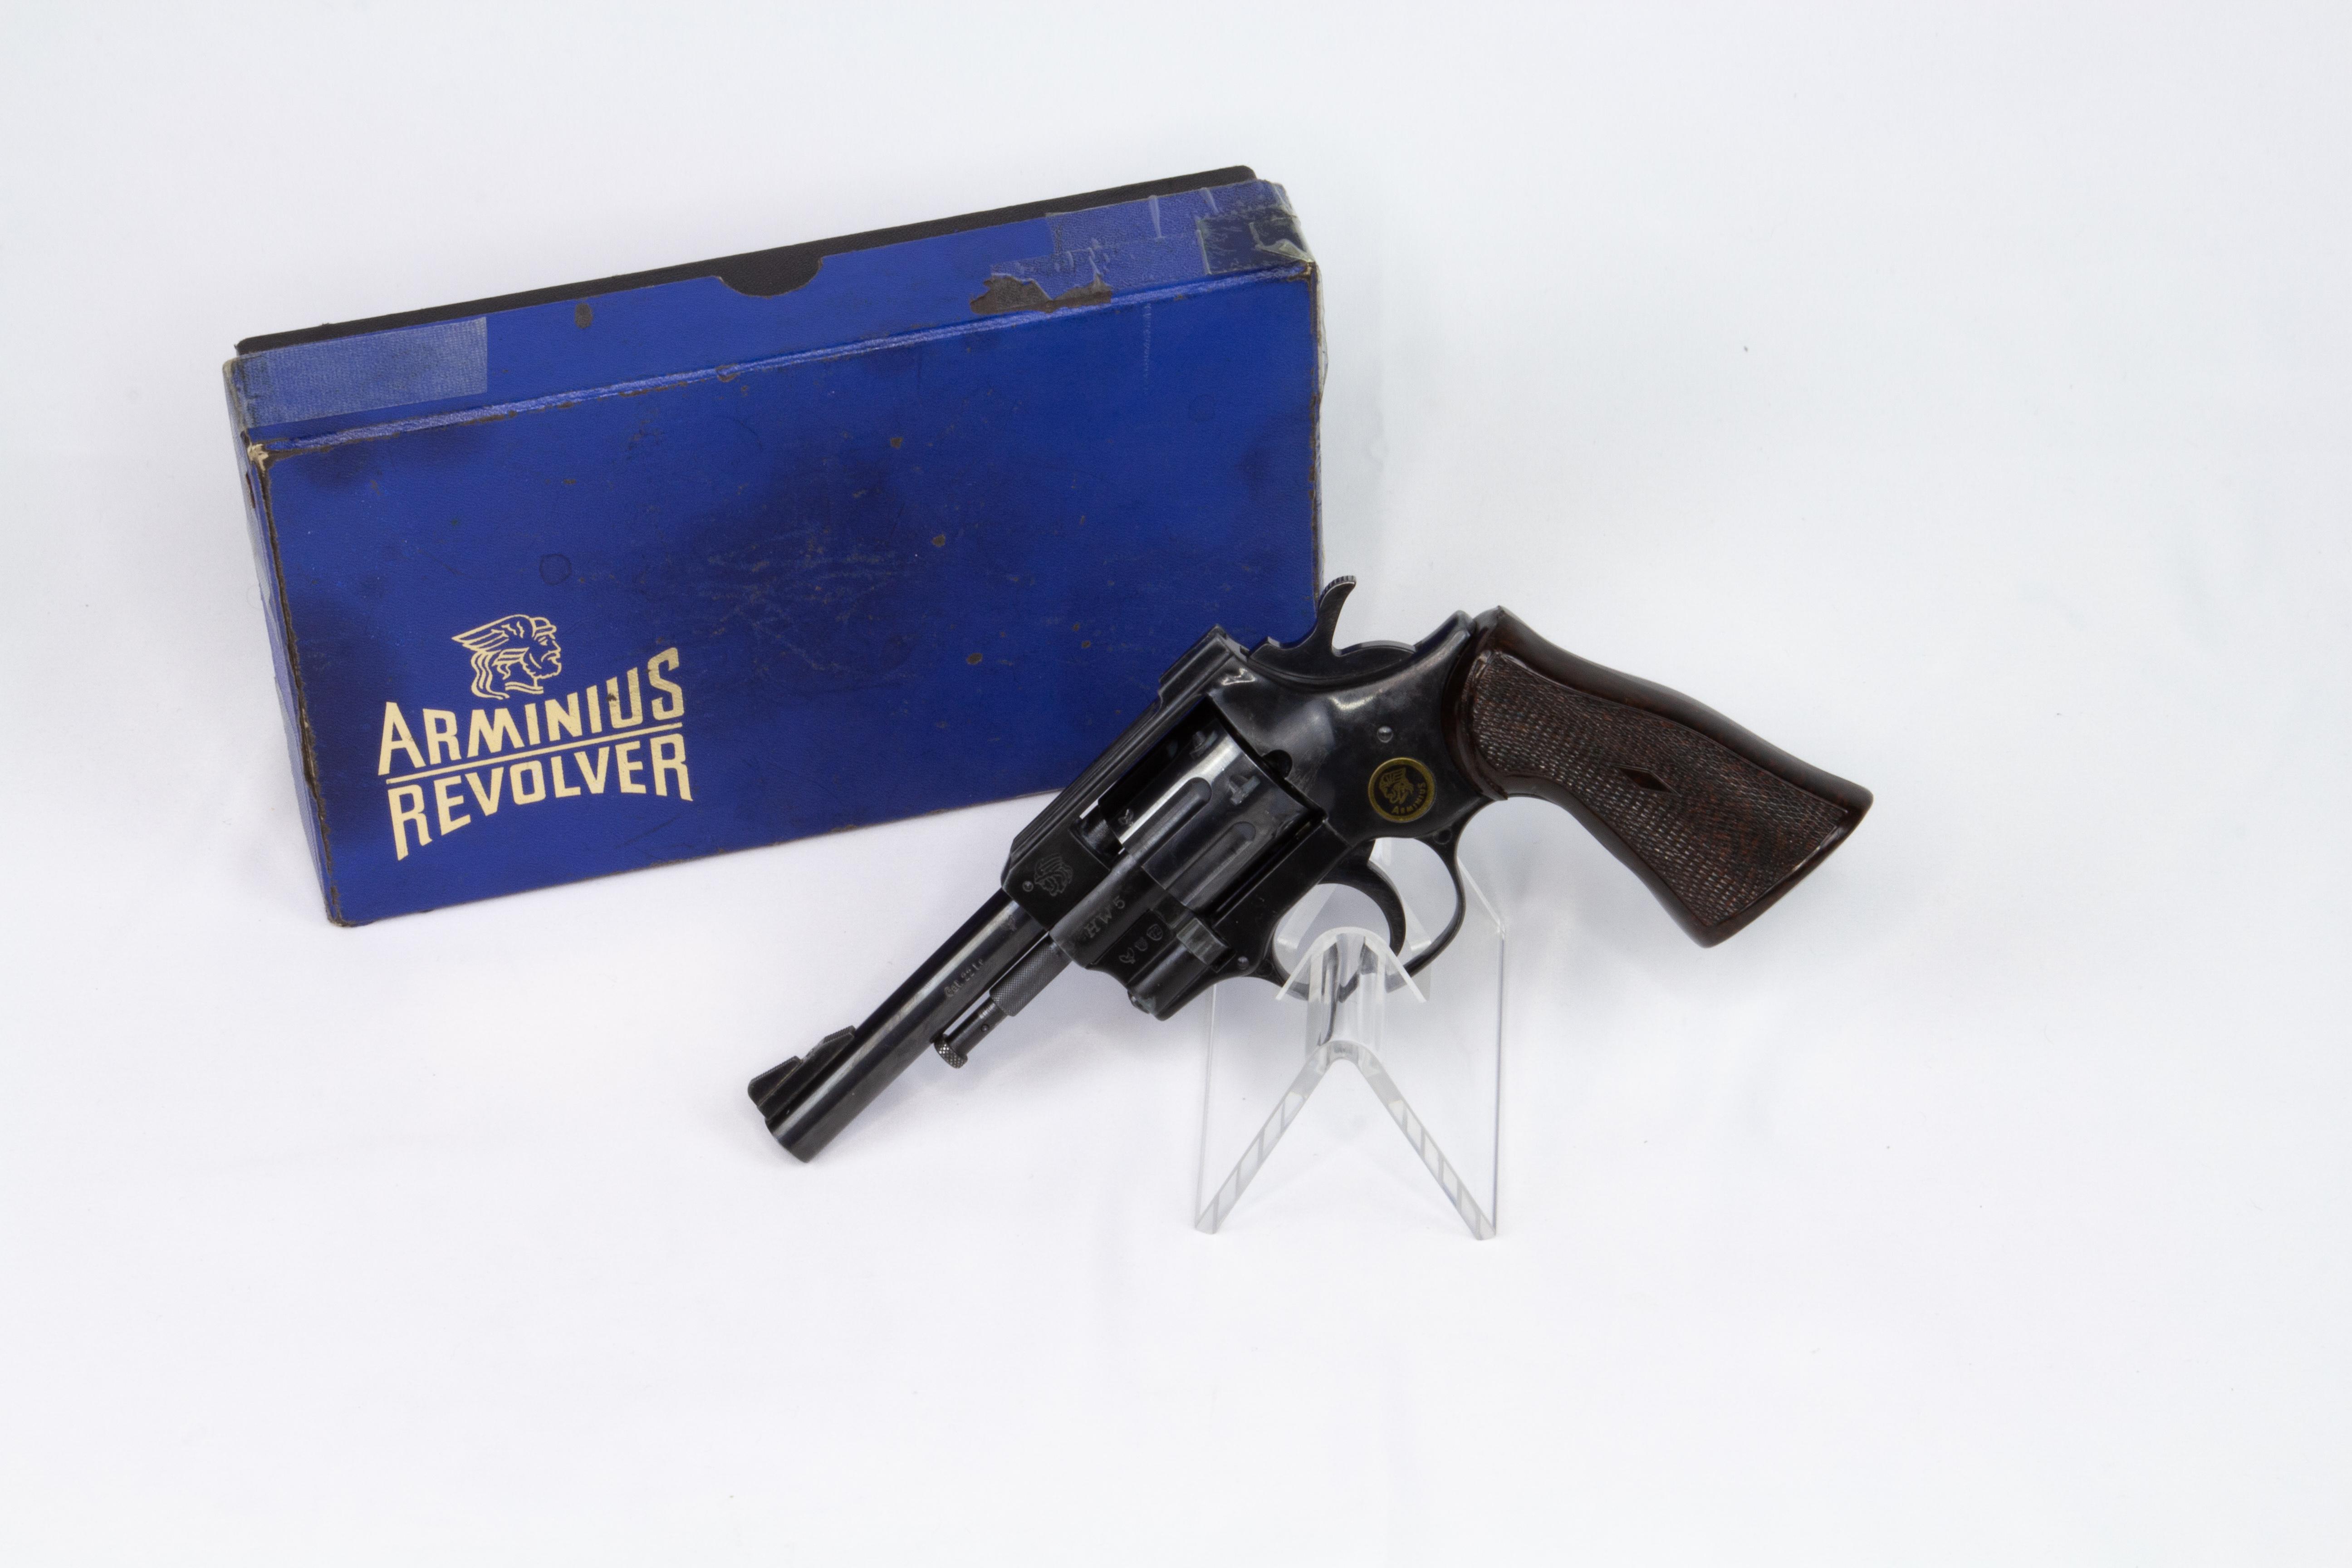 gebr. WEIHRAUCH Arminius Revolver Mod. HW5